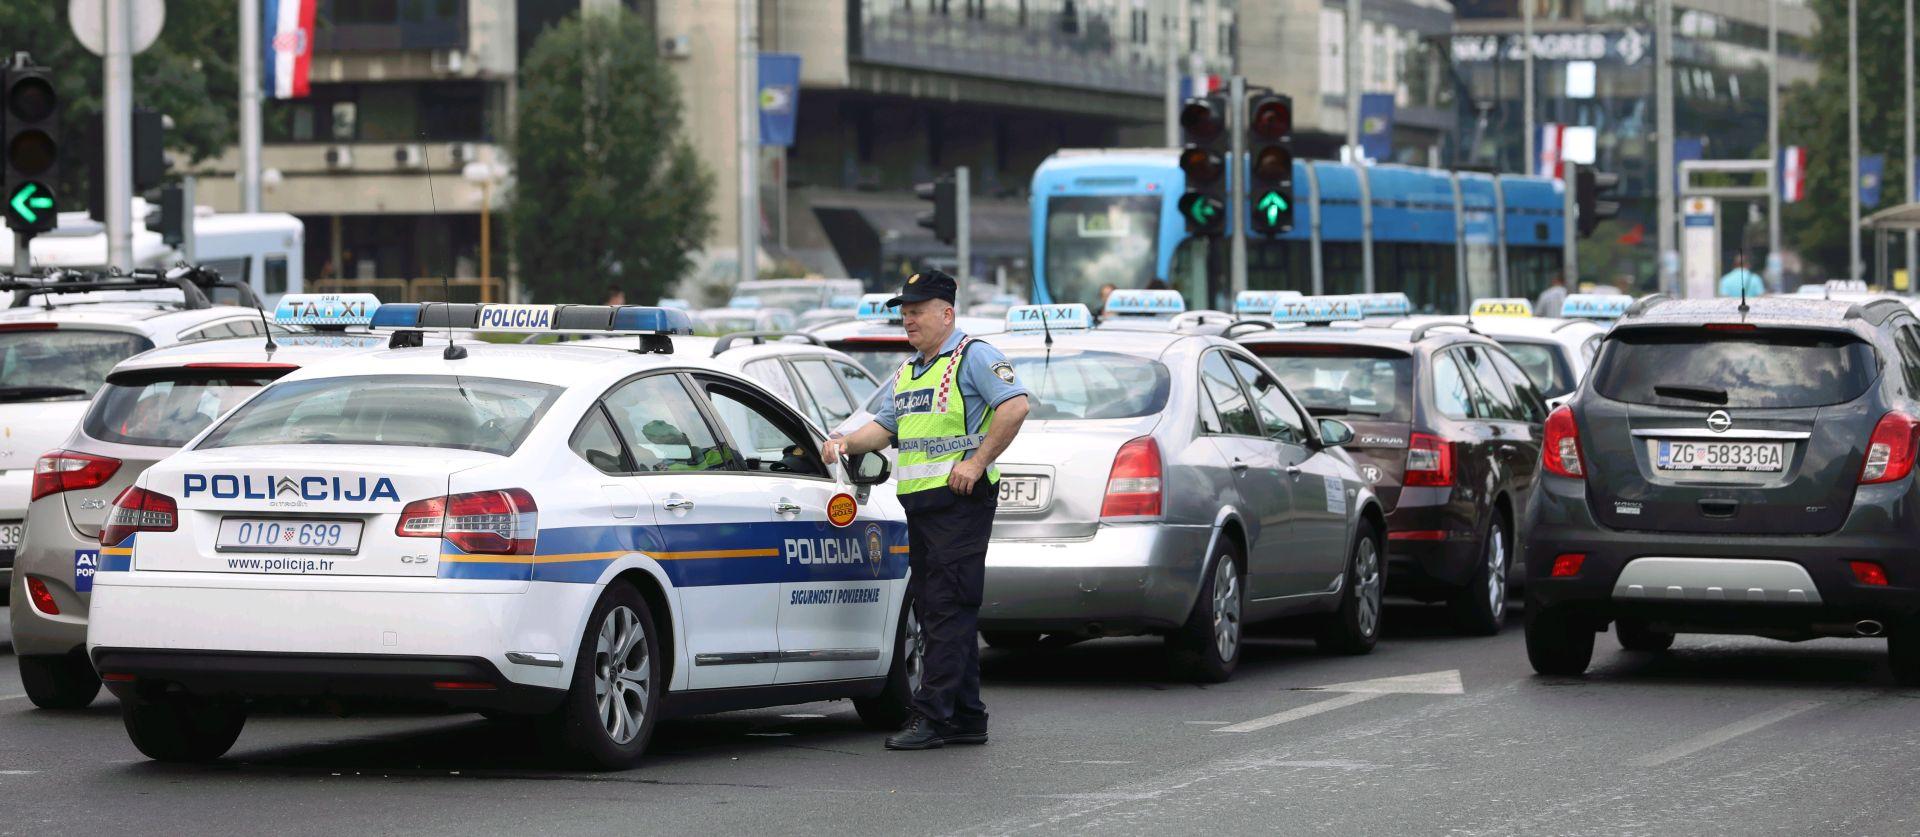 Danas u 17 sati desetominutni prosvjed: Građani zaustavljaju promet